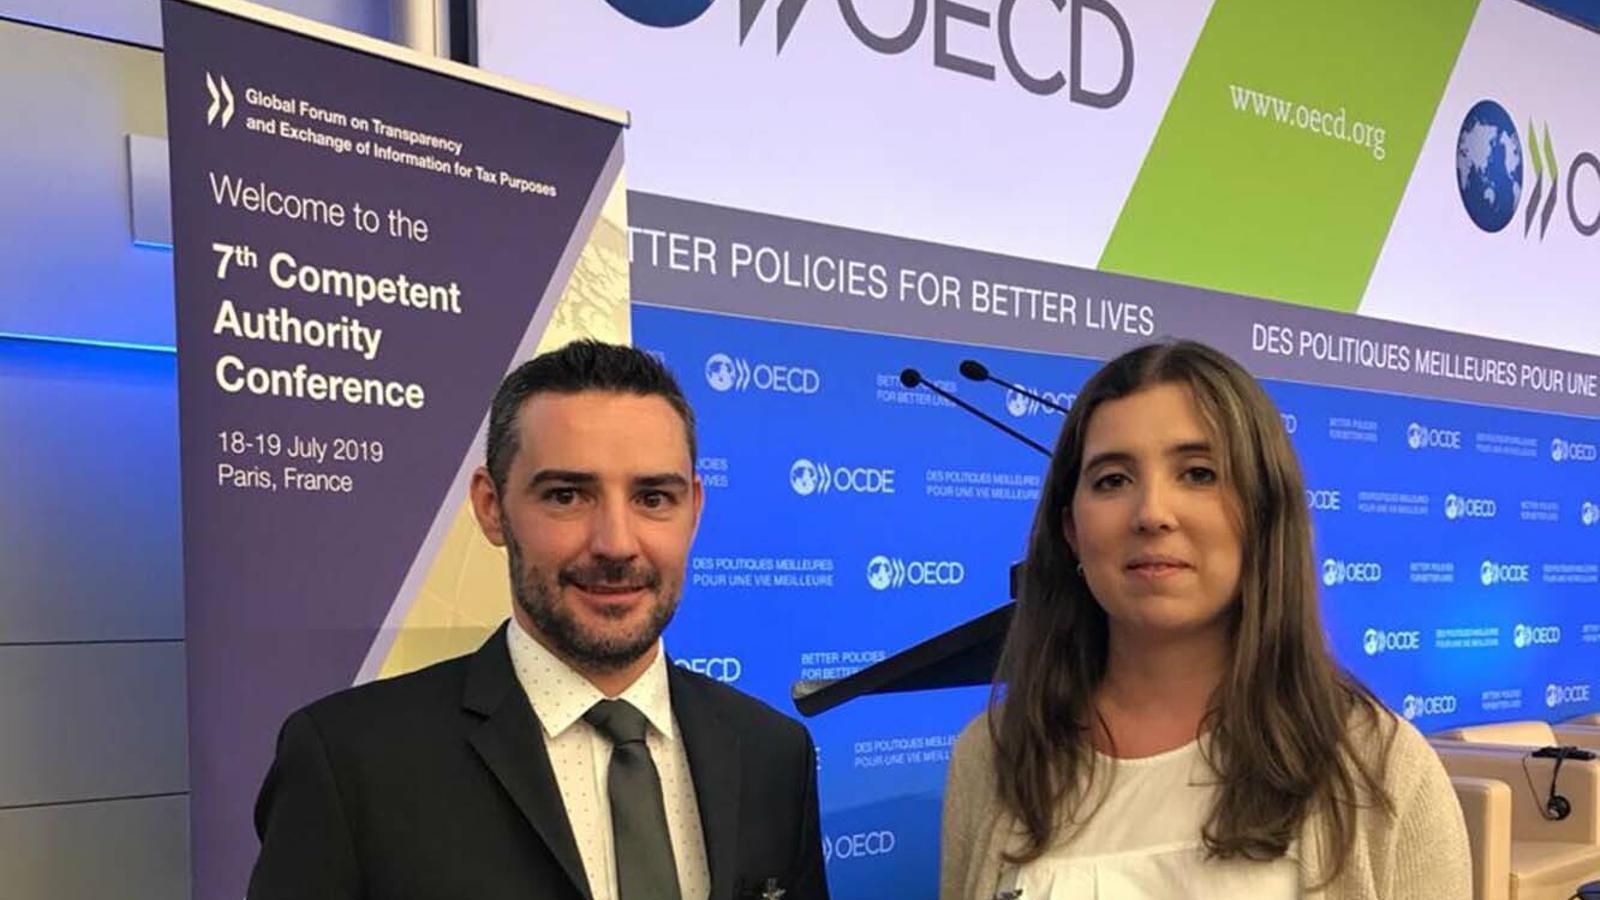 El secretari d'Estat d'Afers Financers Internacionals, Marc Ballestà, durant la seva participació a la trobada de l'OCDE. / SFG